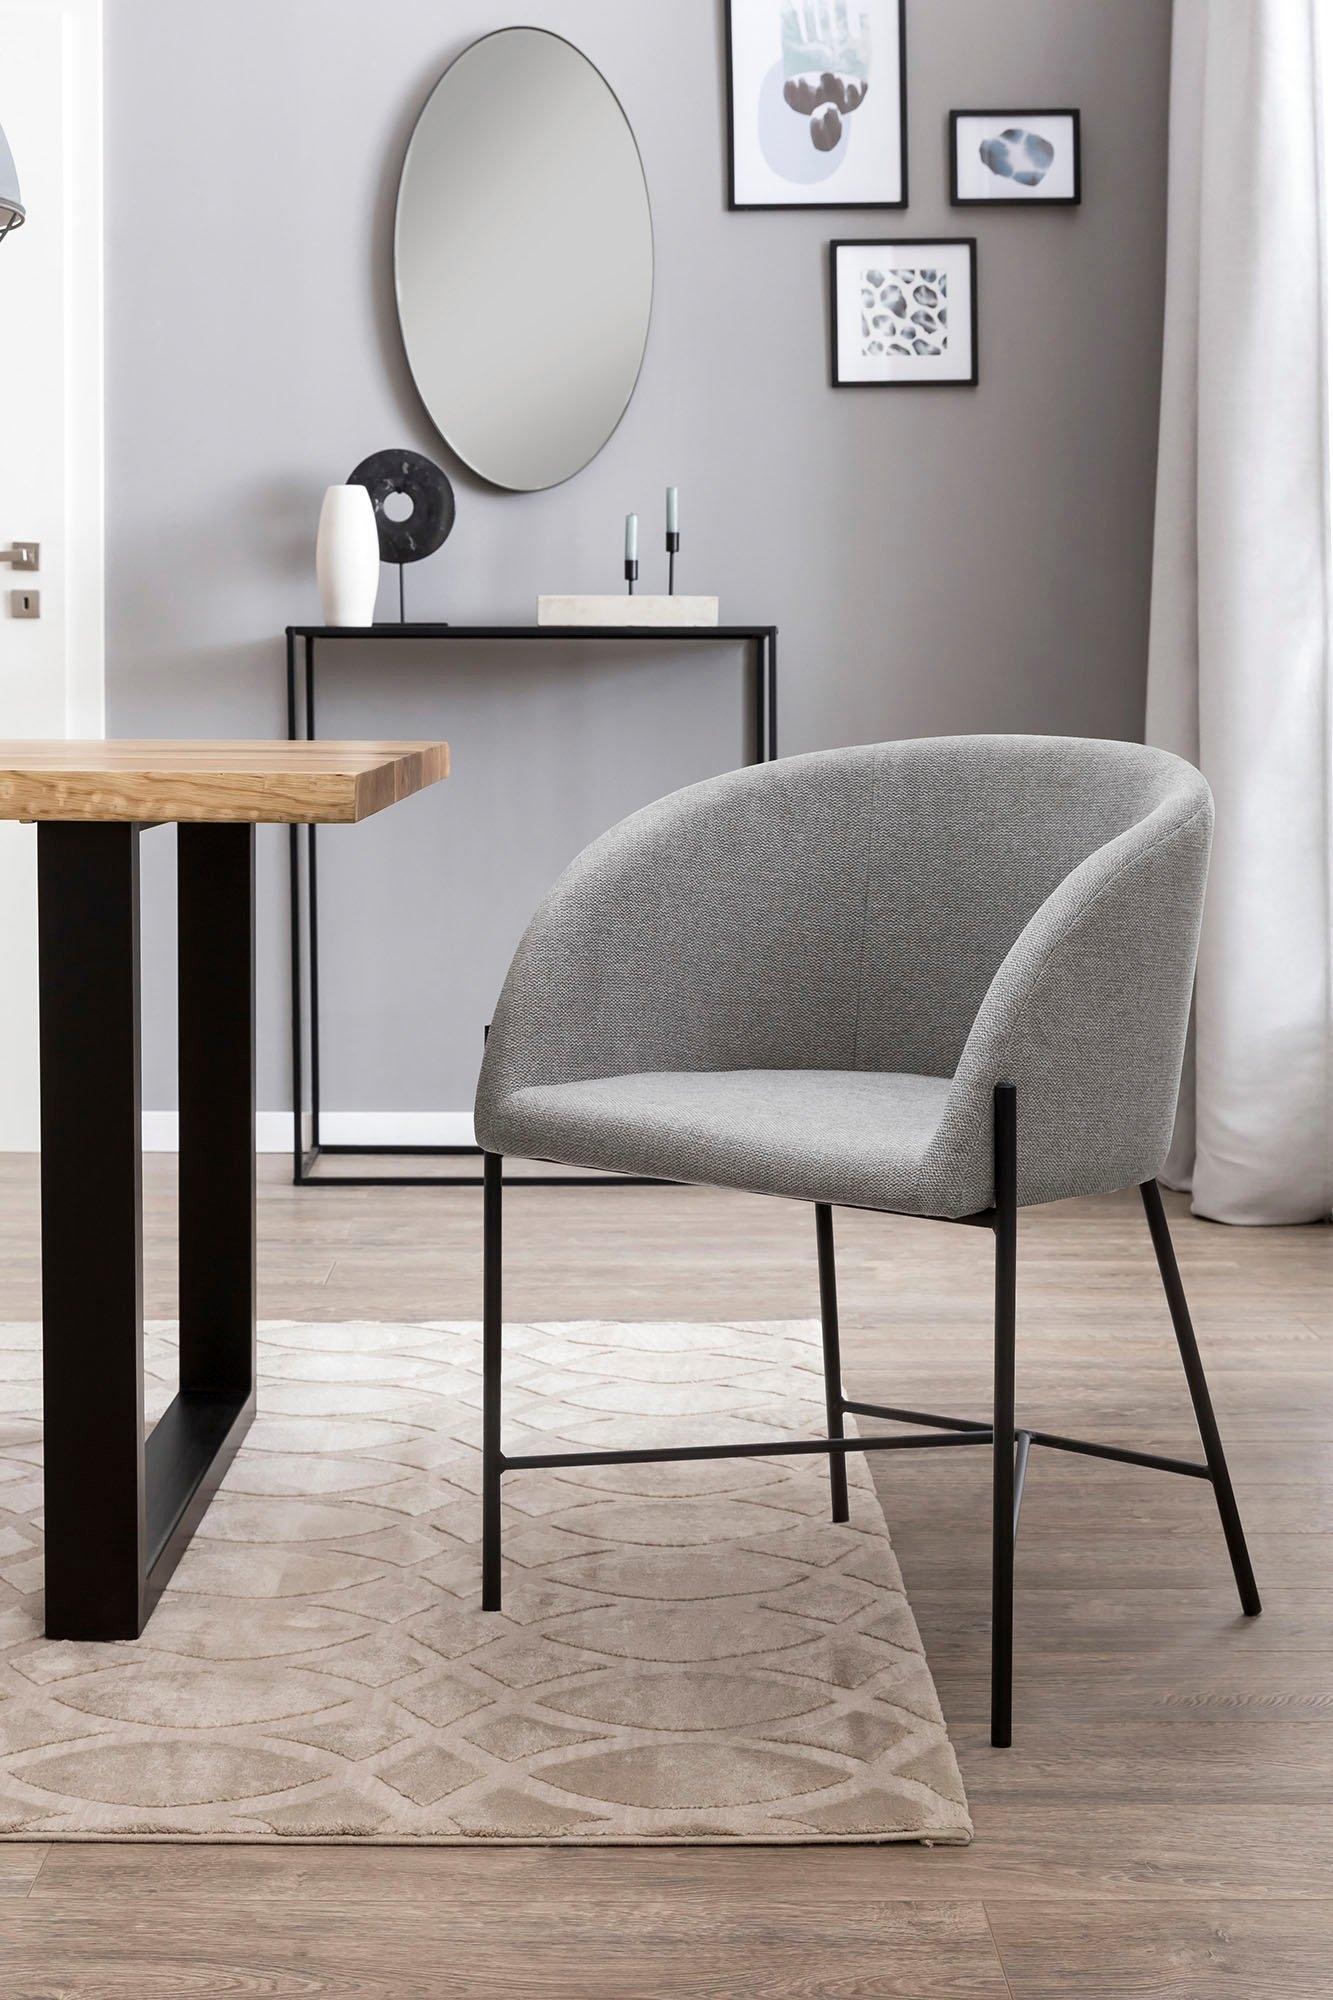 SalesFever eetkamerstoel met matzwart metalen frame nu online bestellen